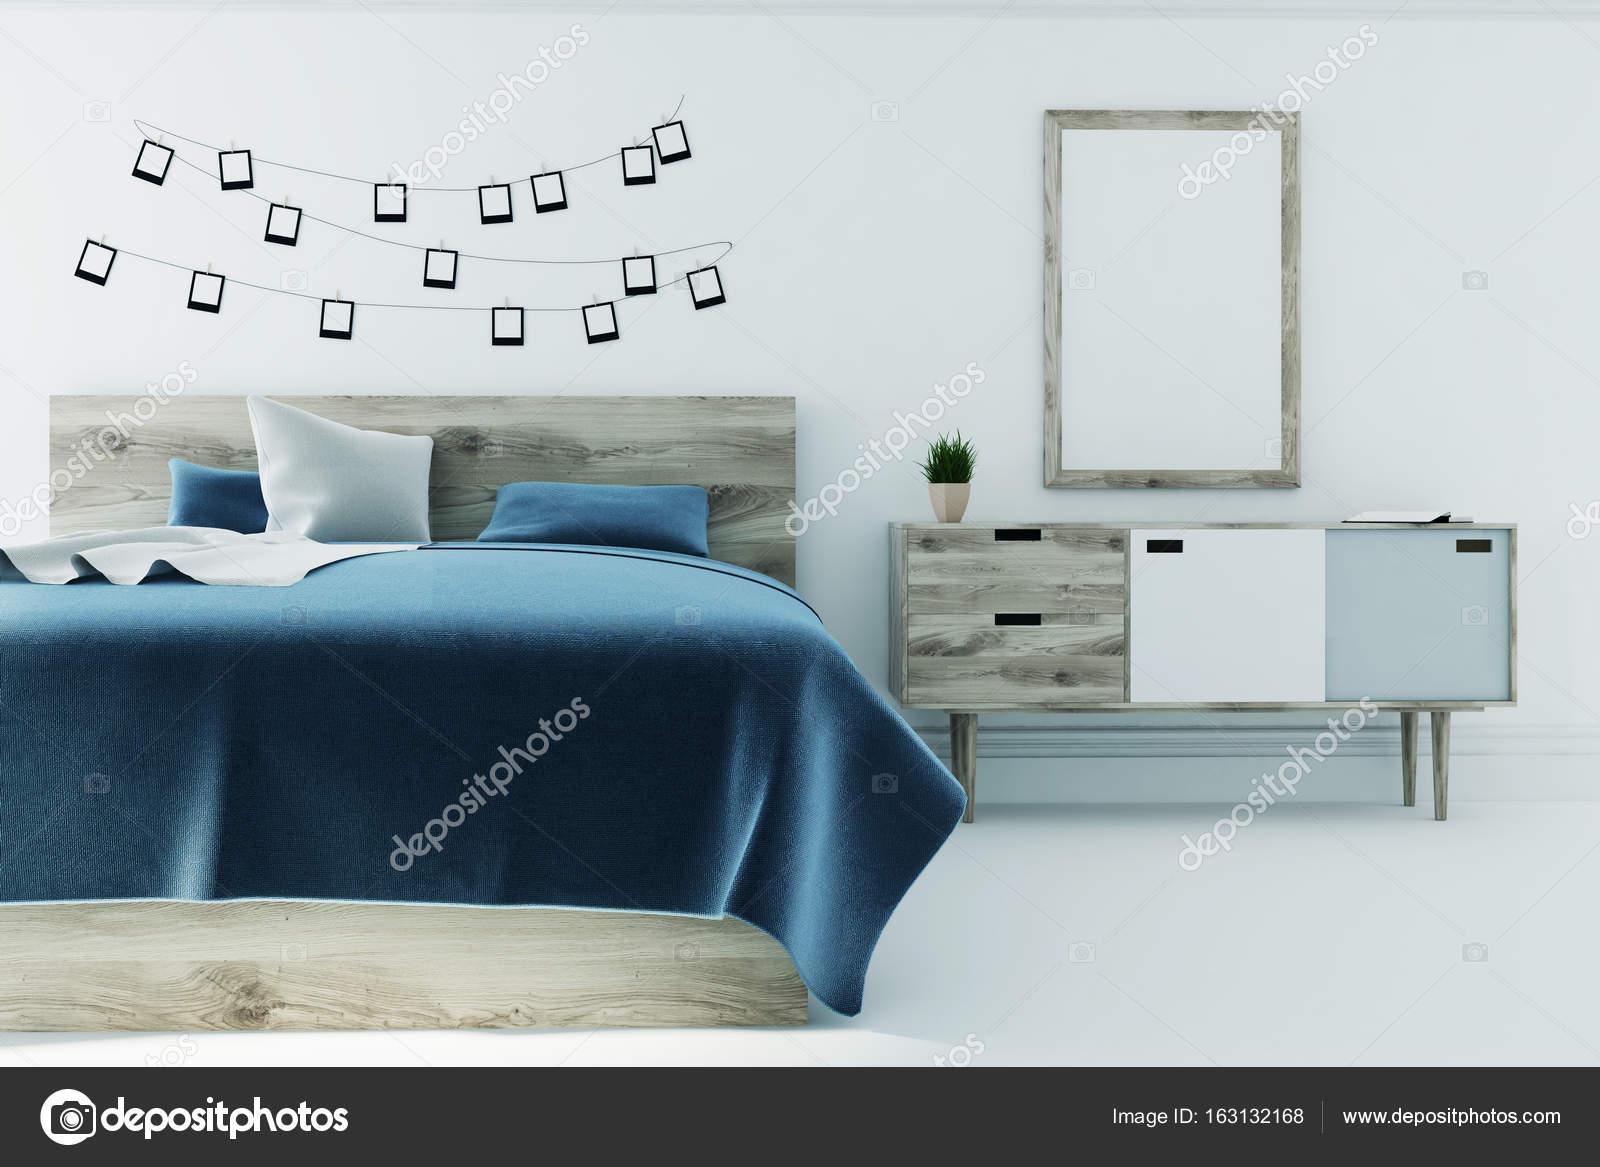 Chambre Blanche Avec Une Couverture De Lu0027affiche, Bleuu2013 Images De Stock  Libres De Droits